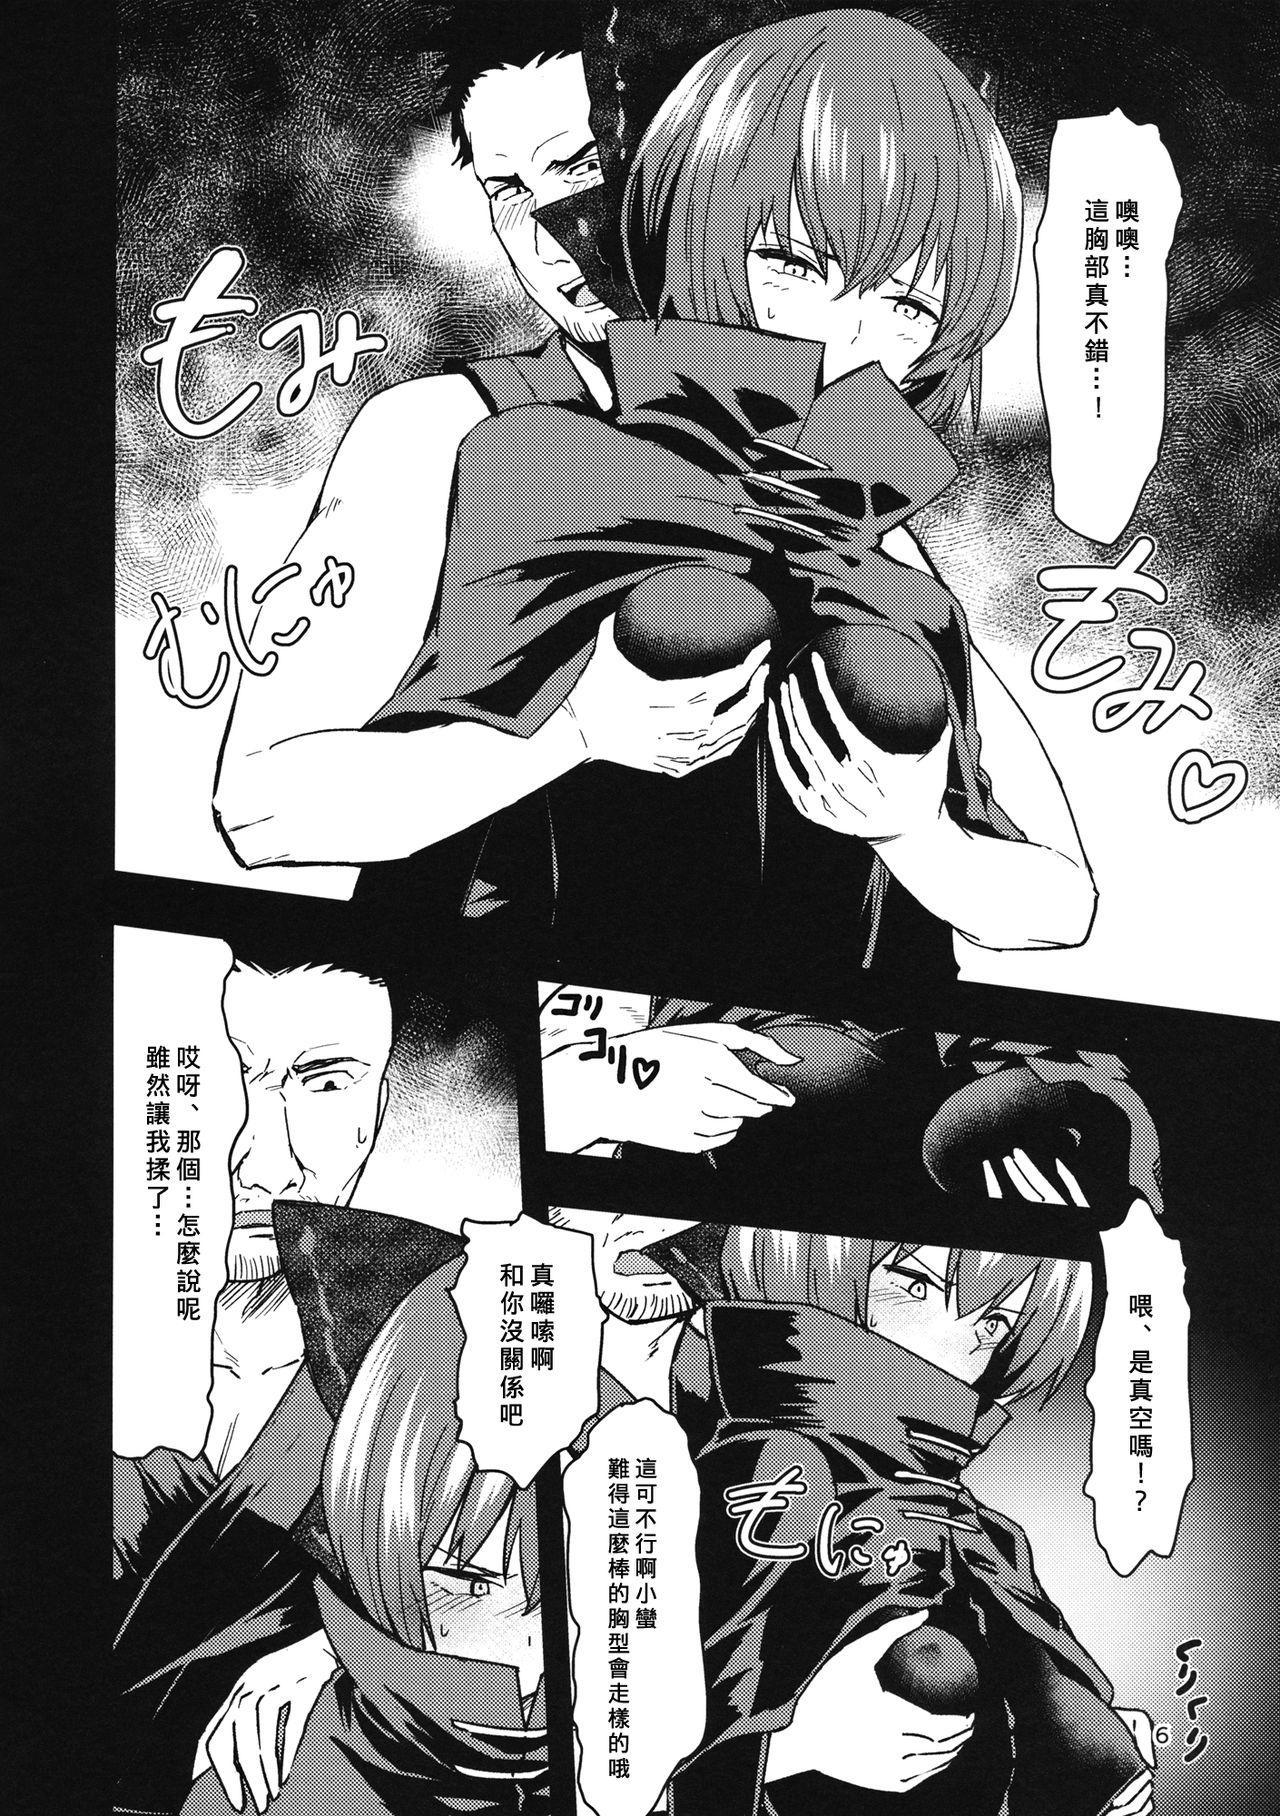 Kao Kakushite Ketsuana Kakusazu 5